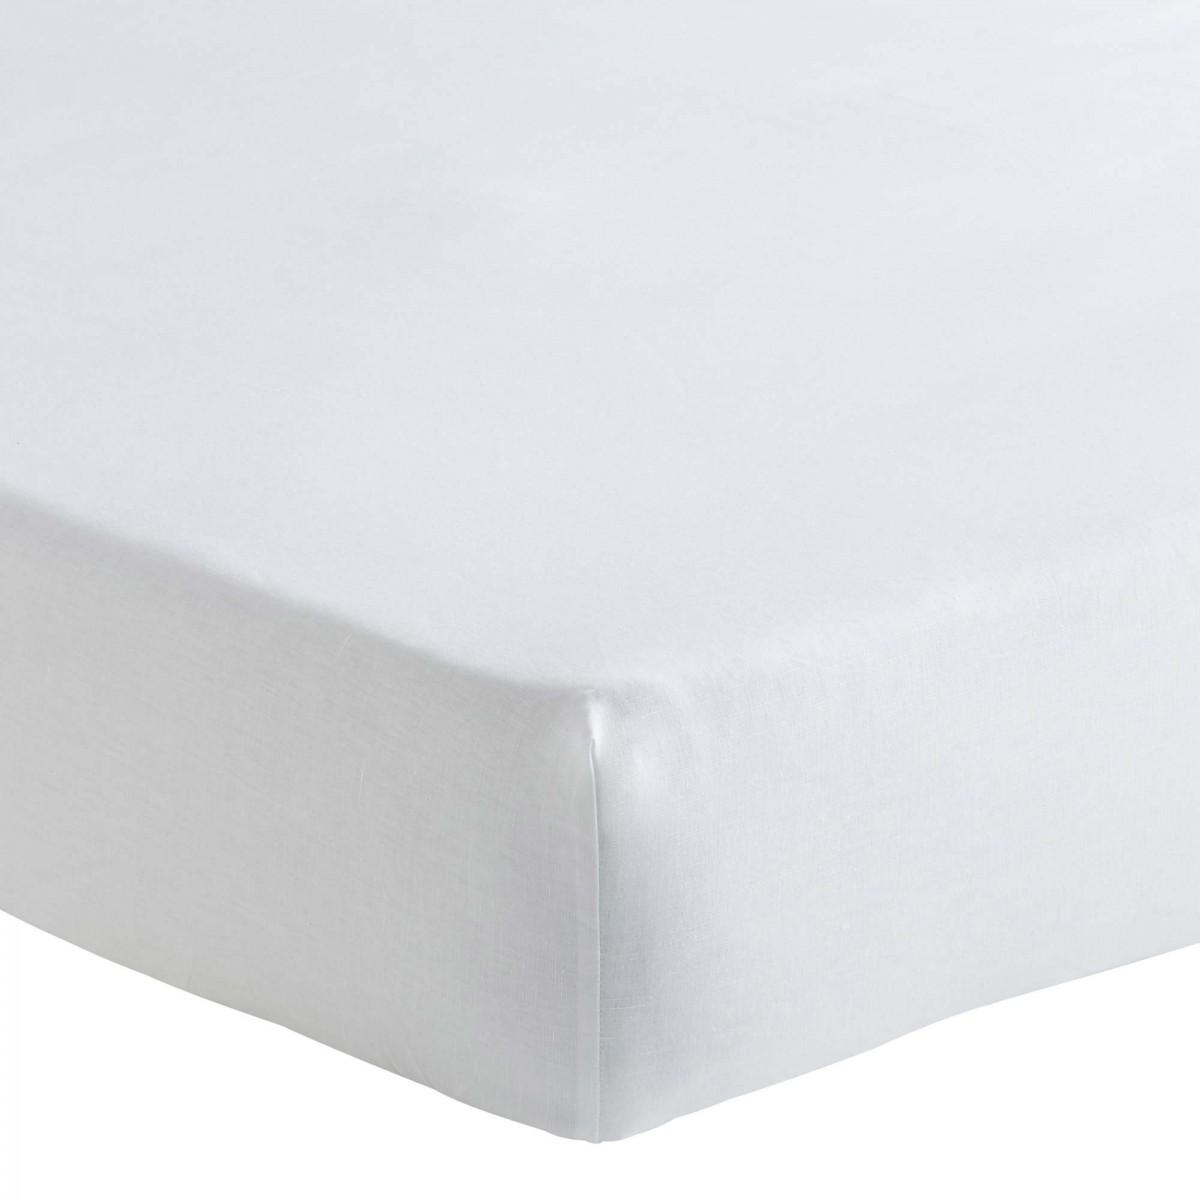 Drap housse en lin métis blanc 180x200